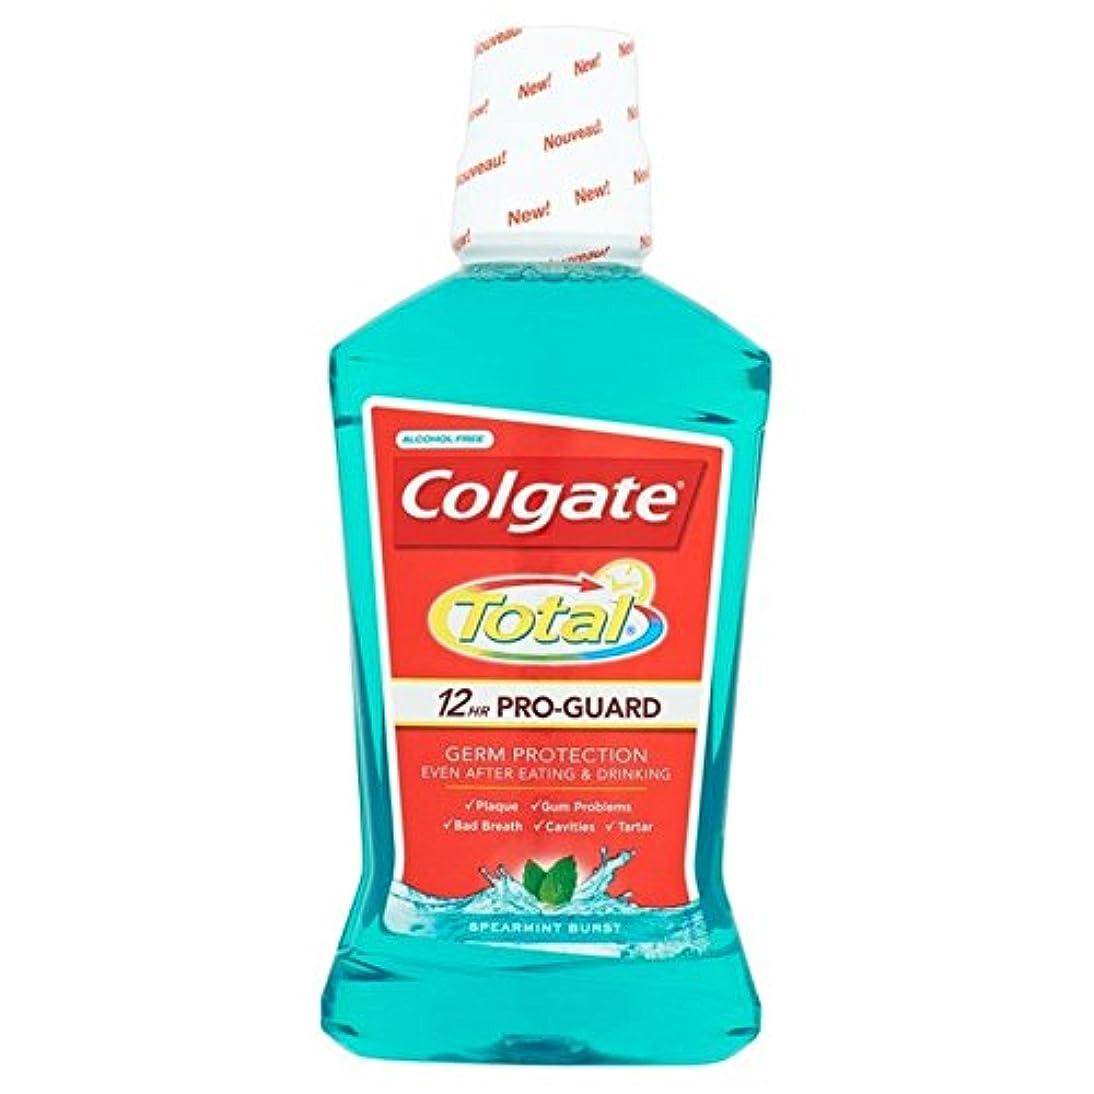 コルゲートトータル先進的な緑色のマウスウォッシュ500ミリリットル500ミリリットル x4 - Colgate Total Advanced Green Mouthwash 500ml 500ml (Pack of 4)...